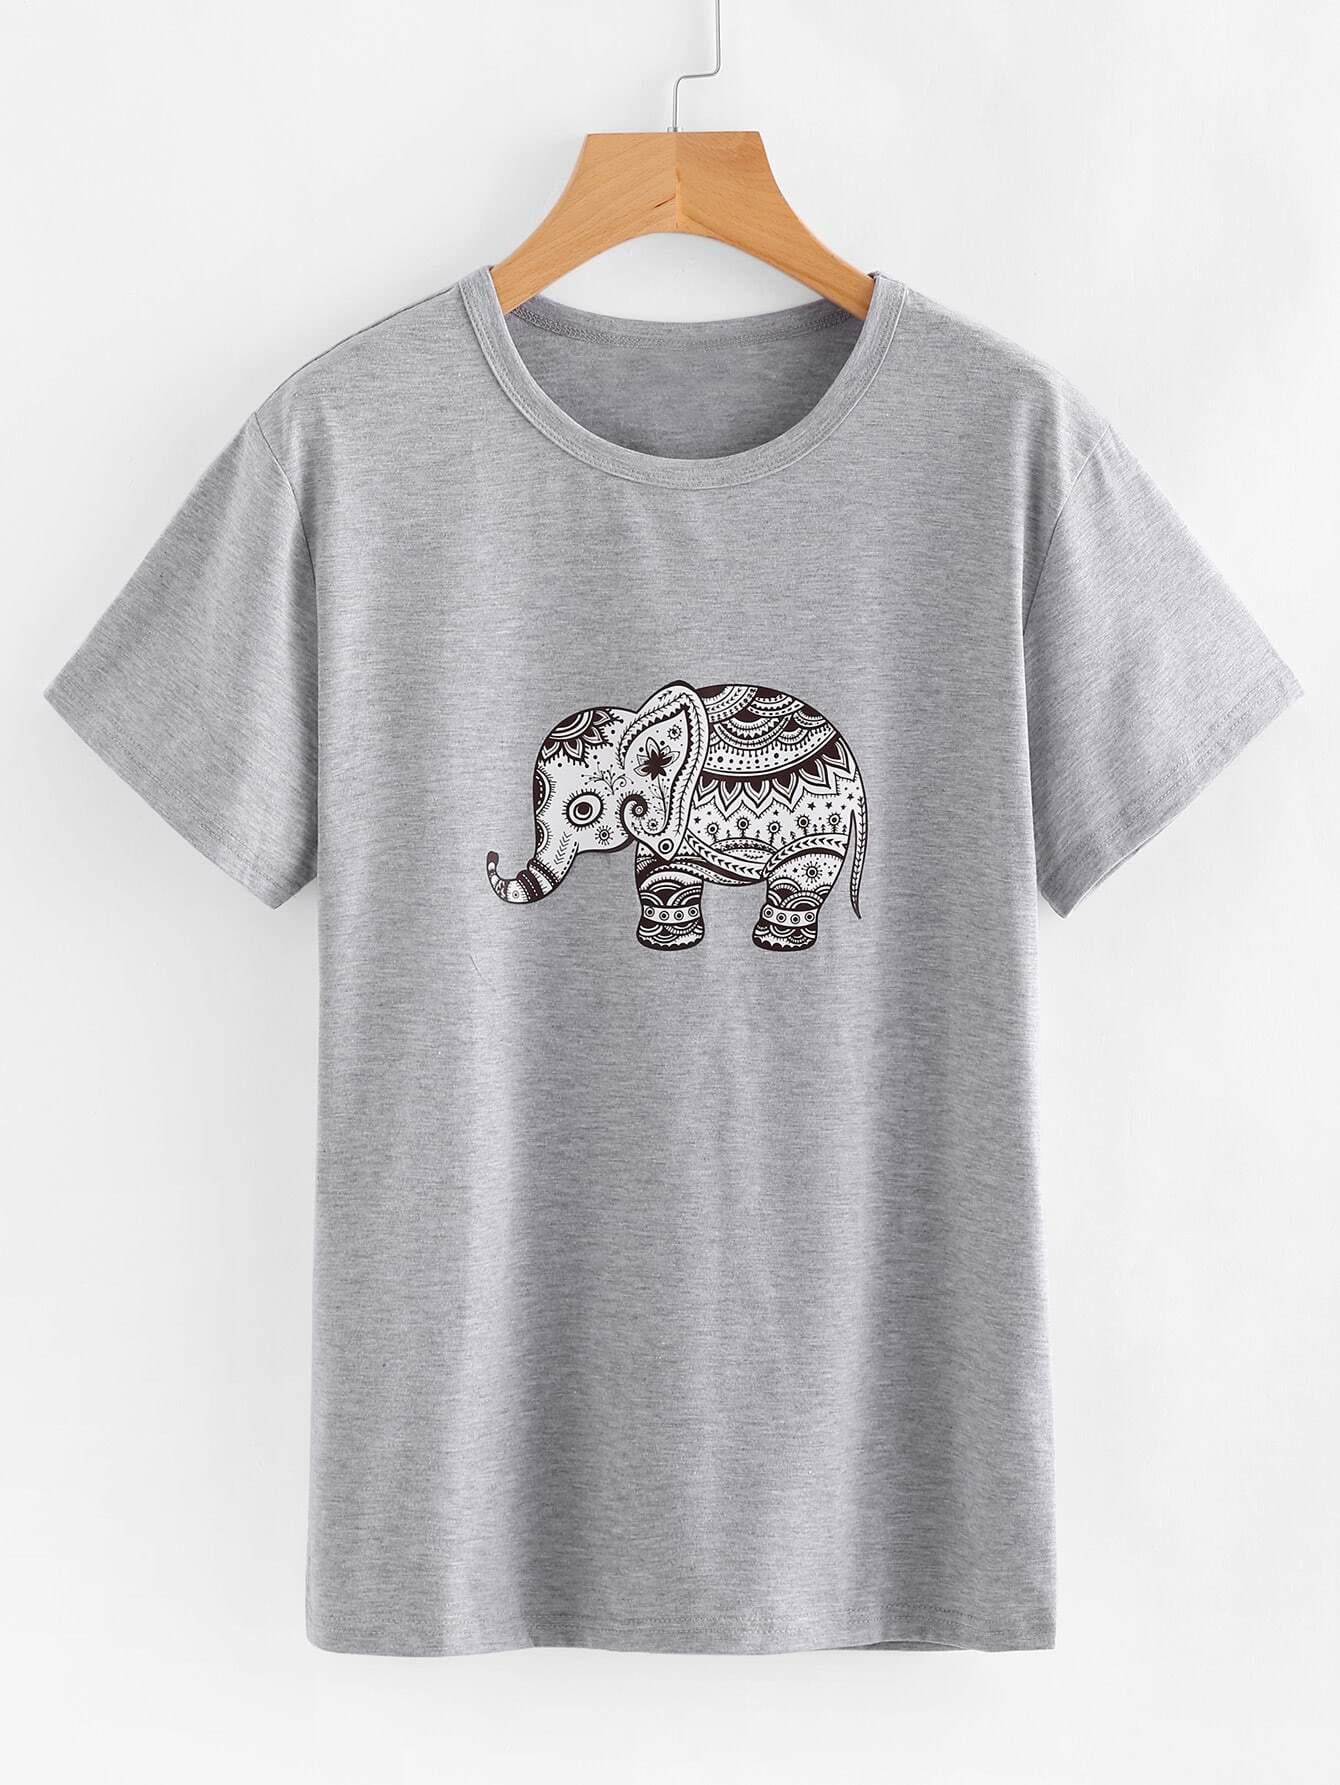 все цены на Ornate Elephant Print Tshirt